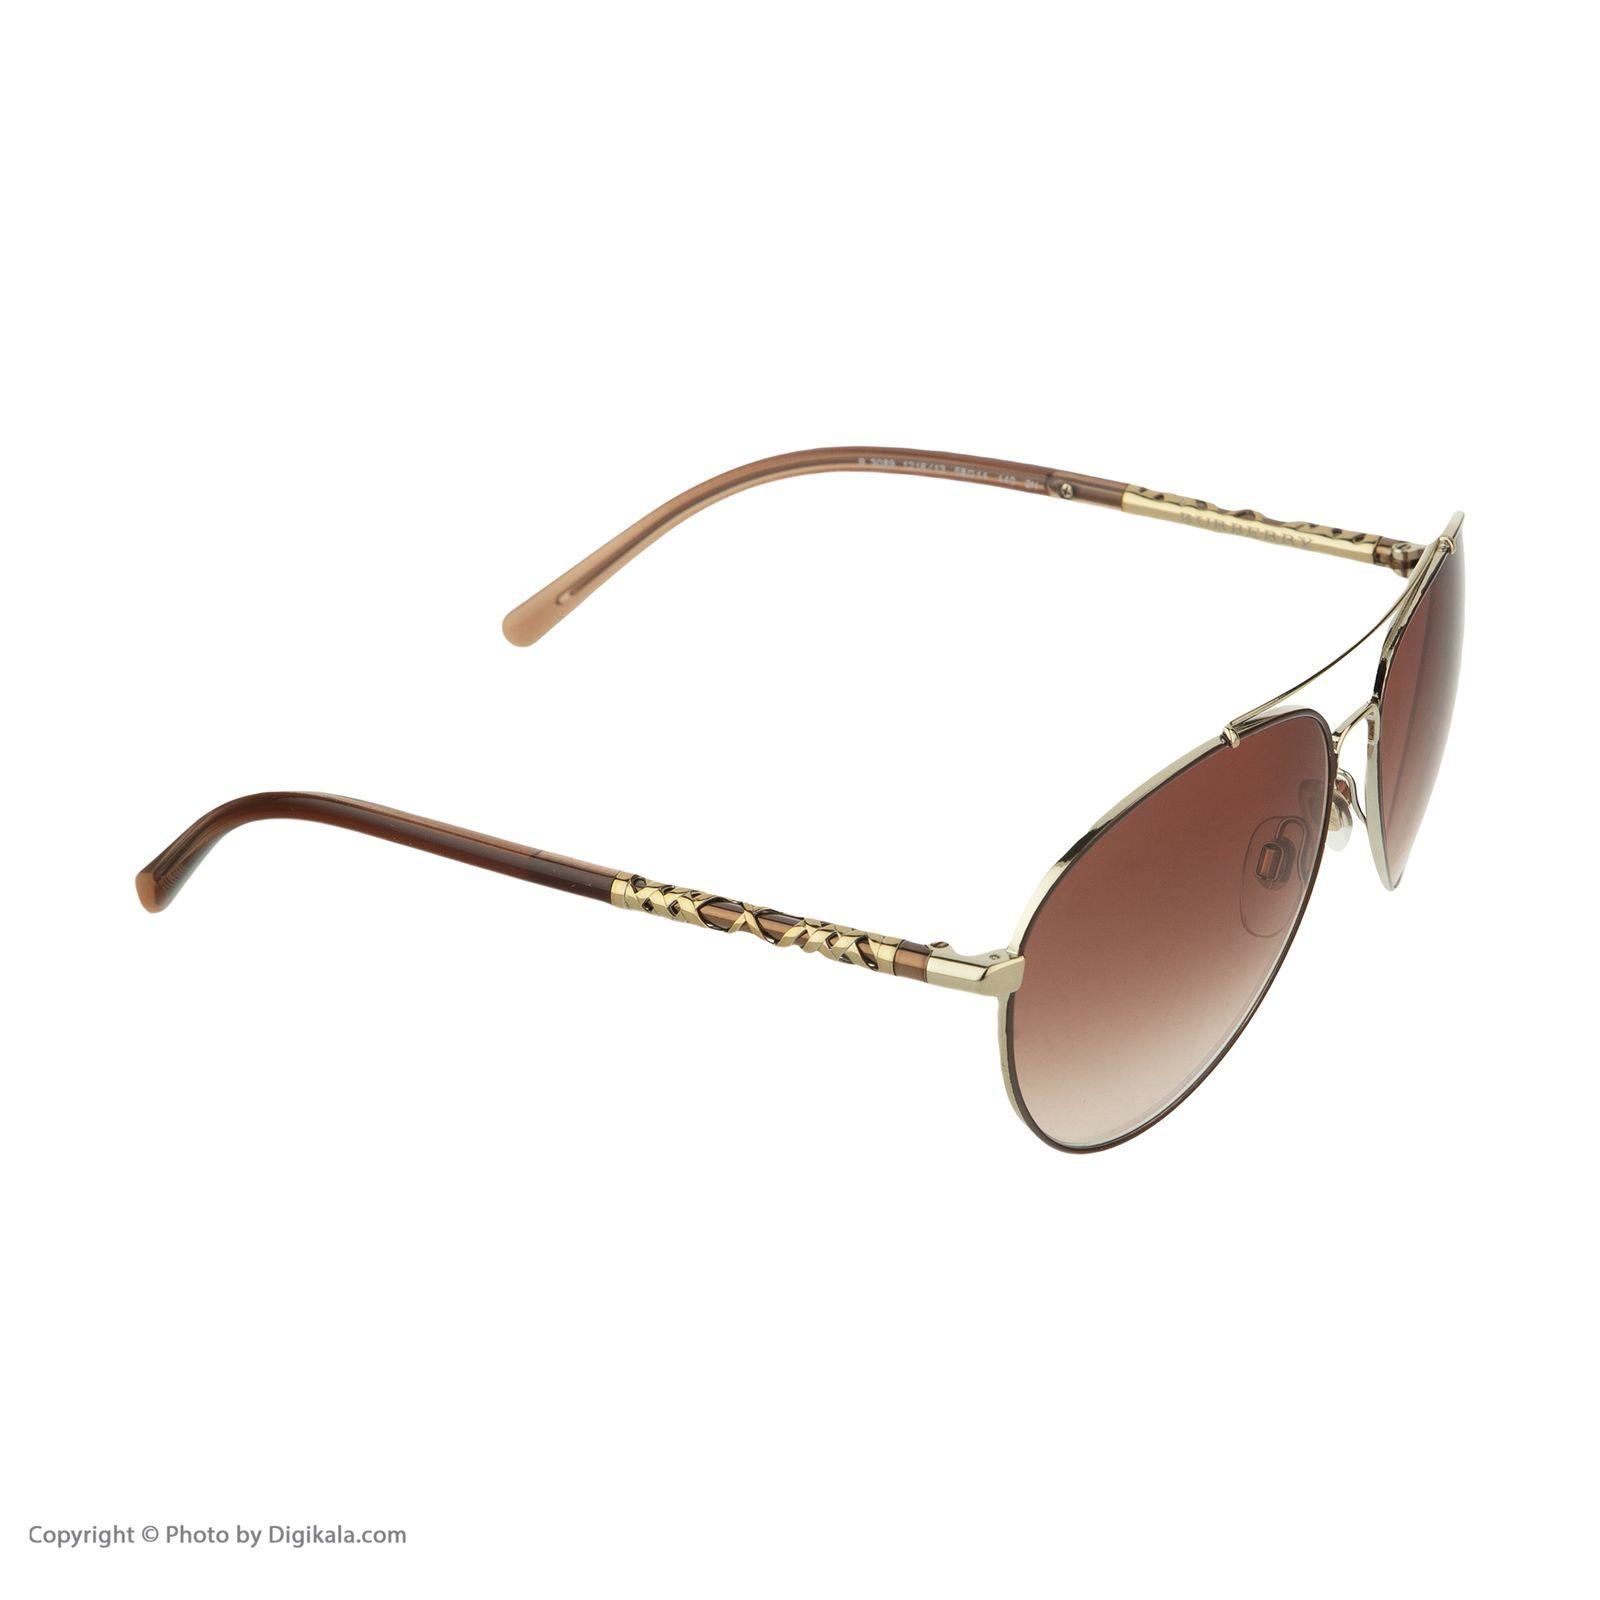 عینک آفتابی زنانه بربری مدل BE 3089S 121613 58 -  - 5